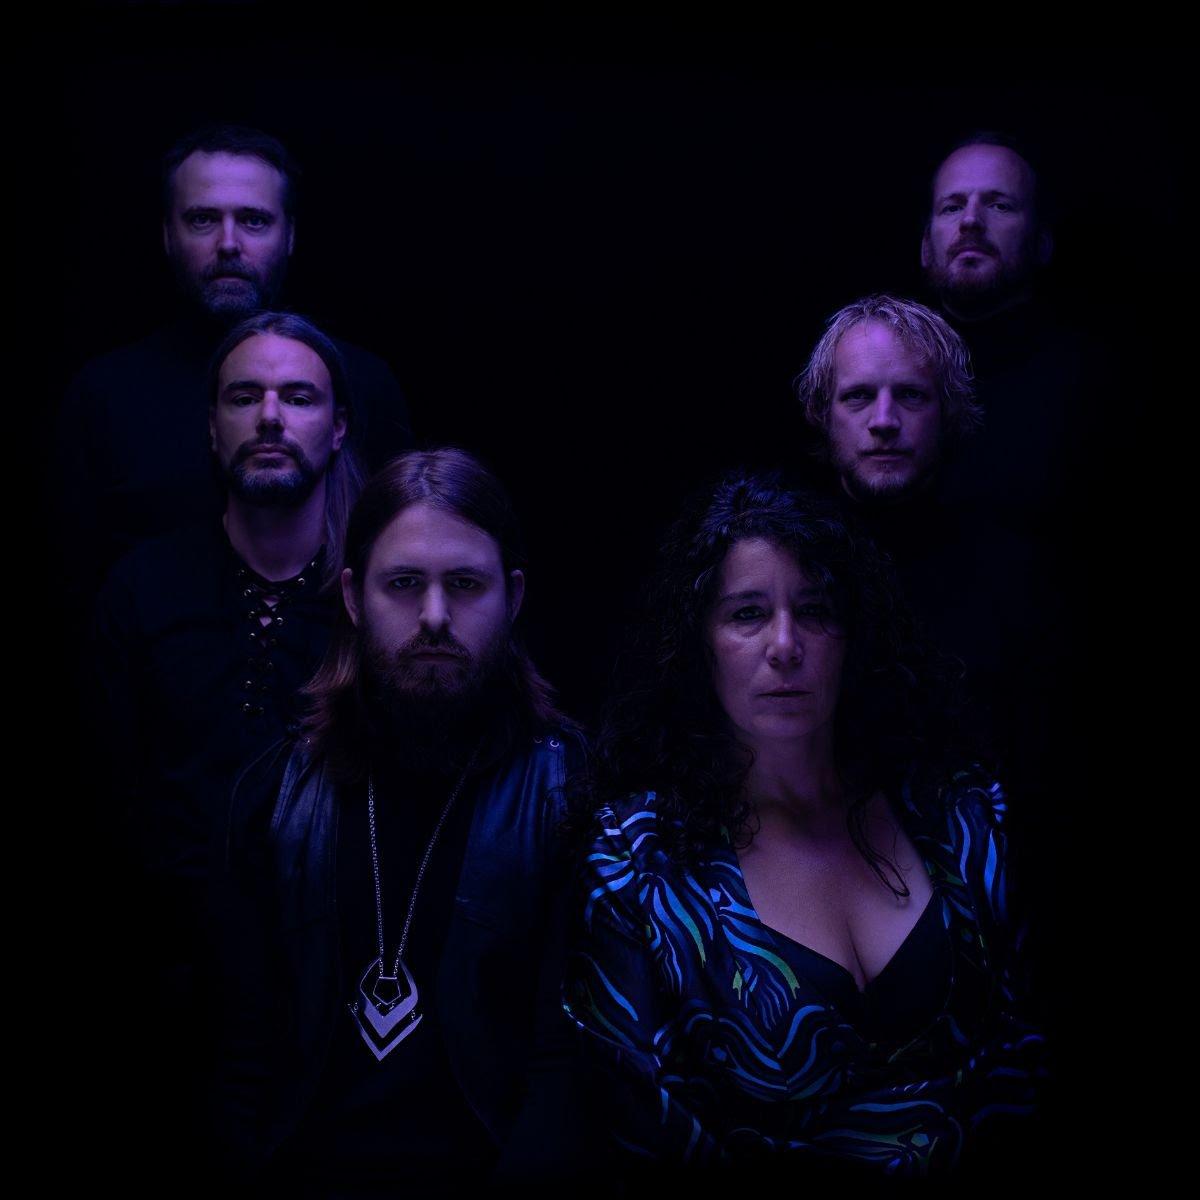 Οι MOLASSESS προσφέρουν διαδικτυακά ολόκληρο το νέο άλμπουμ τους «Through the Hollow».